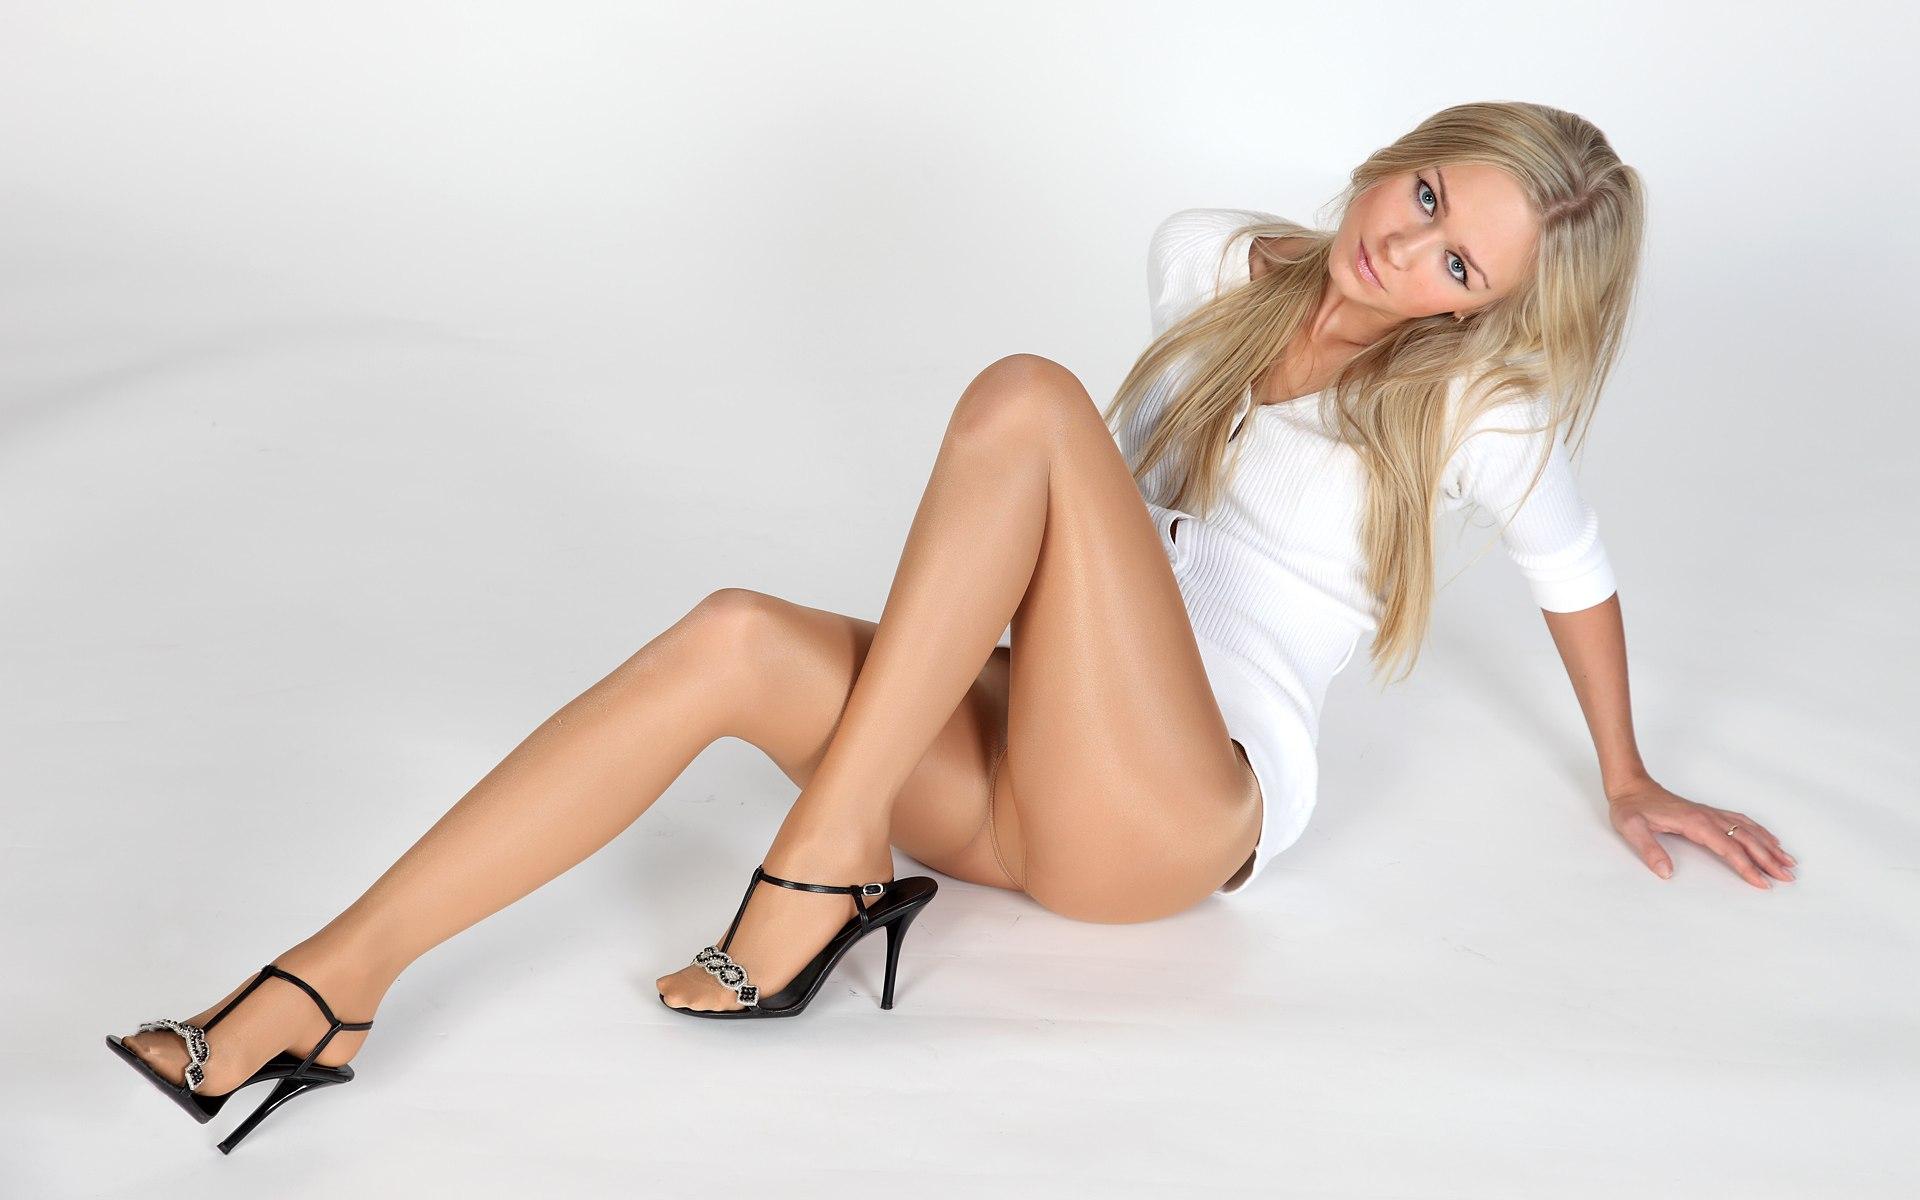 Фото стройных ног в чулках 27 фотография